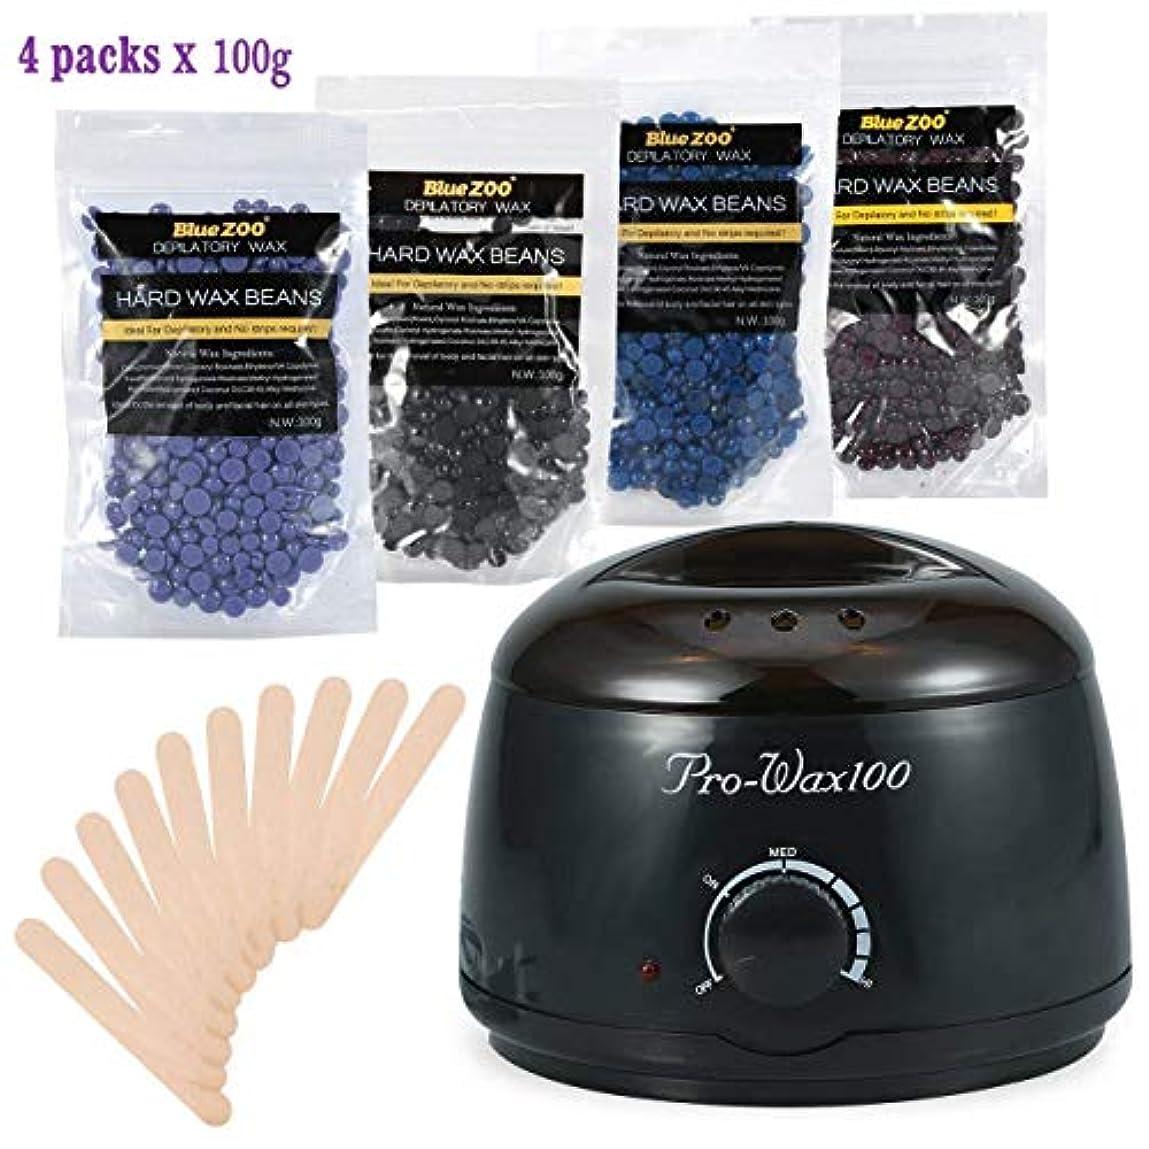 毒性迷路怠ボディービキニ脱毛?ワックスセット、500ml電気ワックスヒーター(ブラック)4種類のハードワックス豆と木製シャベル10種類、ワックス豆100g (1)